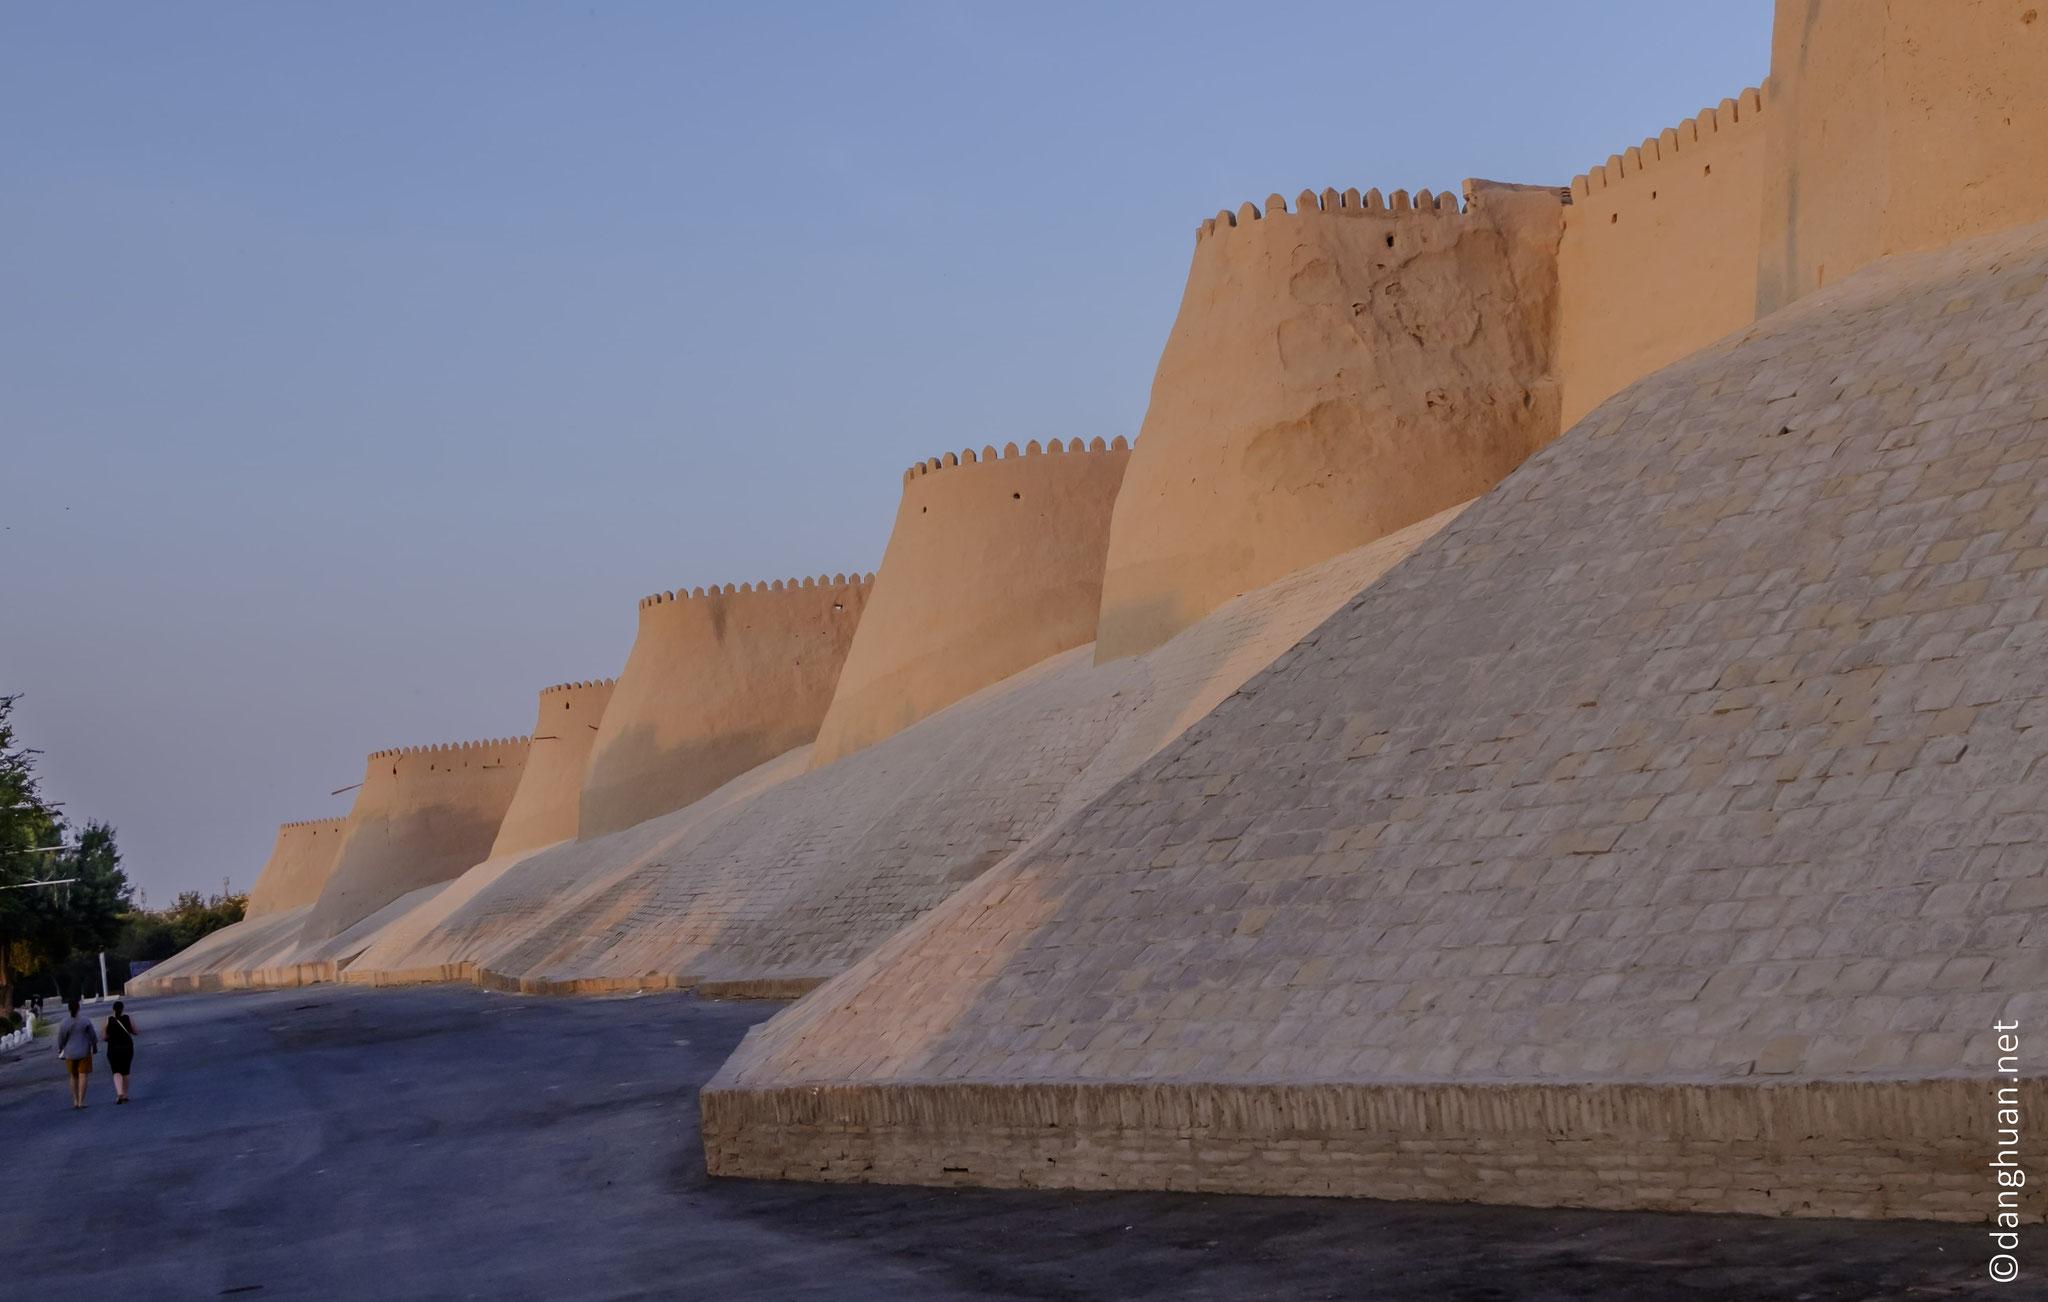 ... , la citadelle (Itchan Kala), citée dès le Xè siècle dans les chroniques arabes, fut la capitale de la région du Khorezm avec le khanat du Khiva en 1511